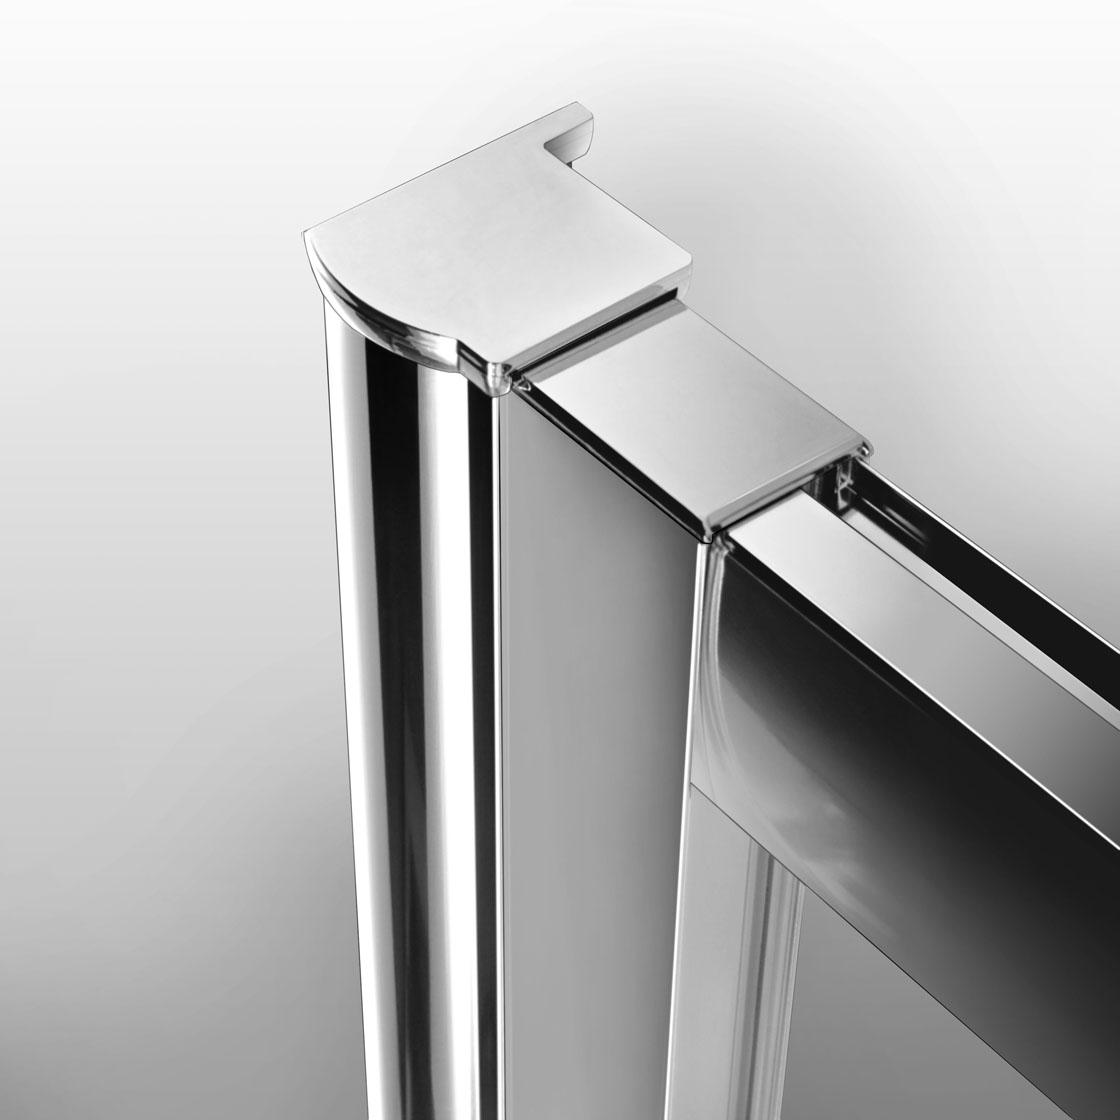 duschkabine duschabtrennung schiebet r eckeinstieg dusche duschwand duschtasse. Black Bedroom Furniture Sets. Home Design Ideas